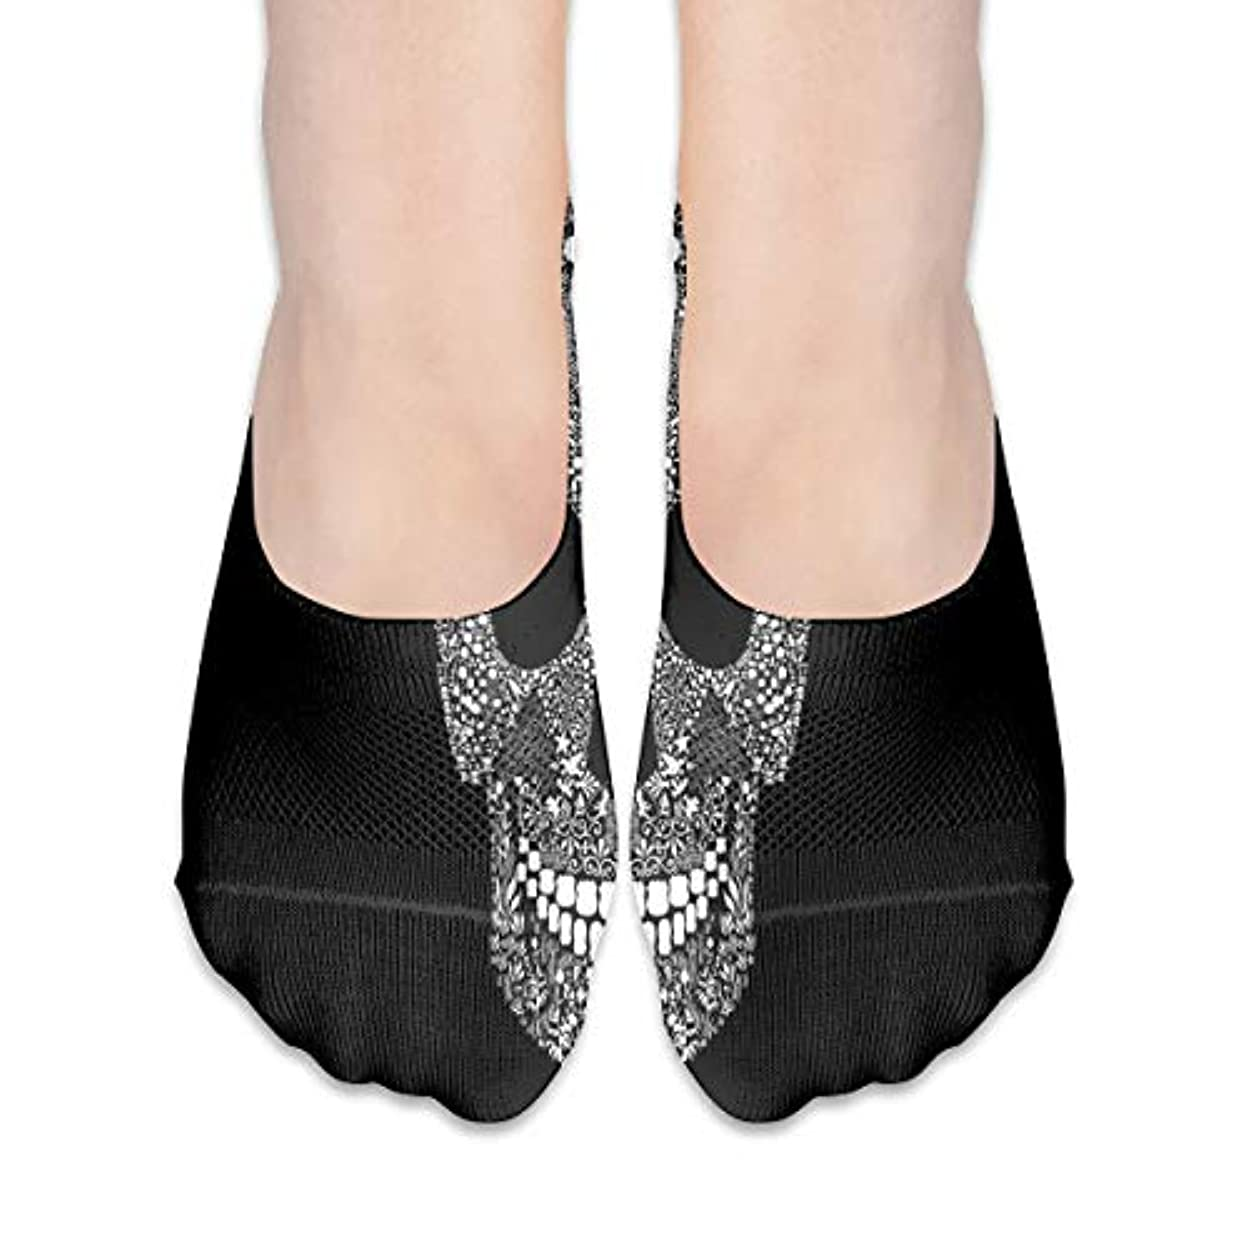 ミニオペレータースリット女性のためのショーの靴下はローカットカジュアルソックス非スリップおかしいスカルブラック